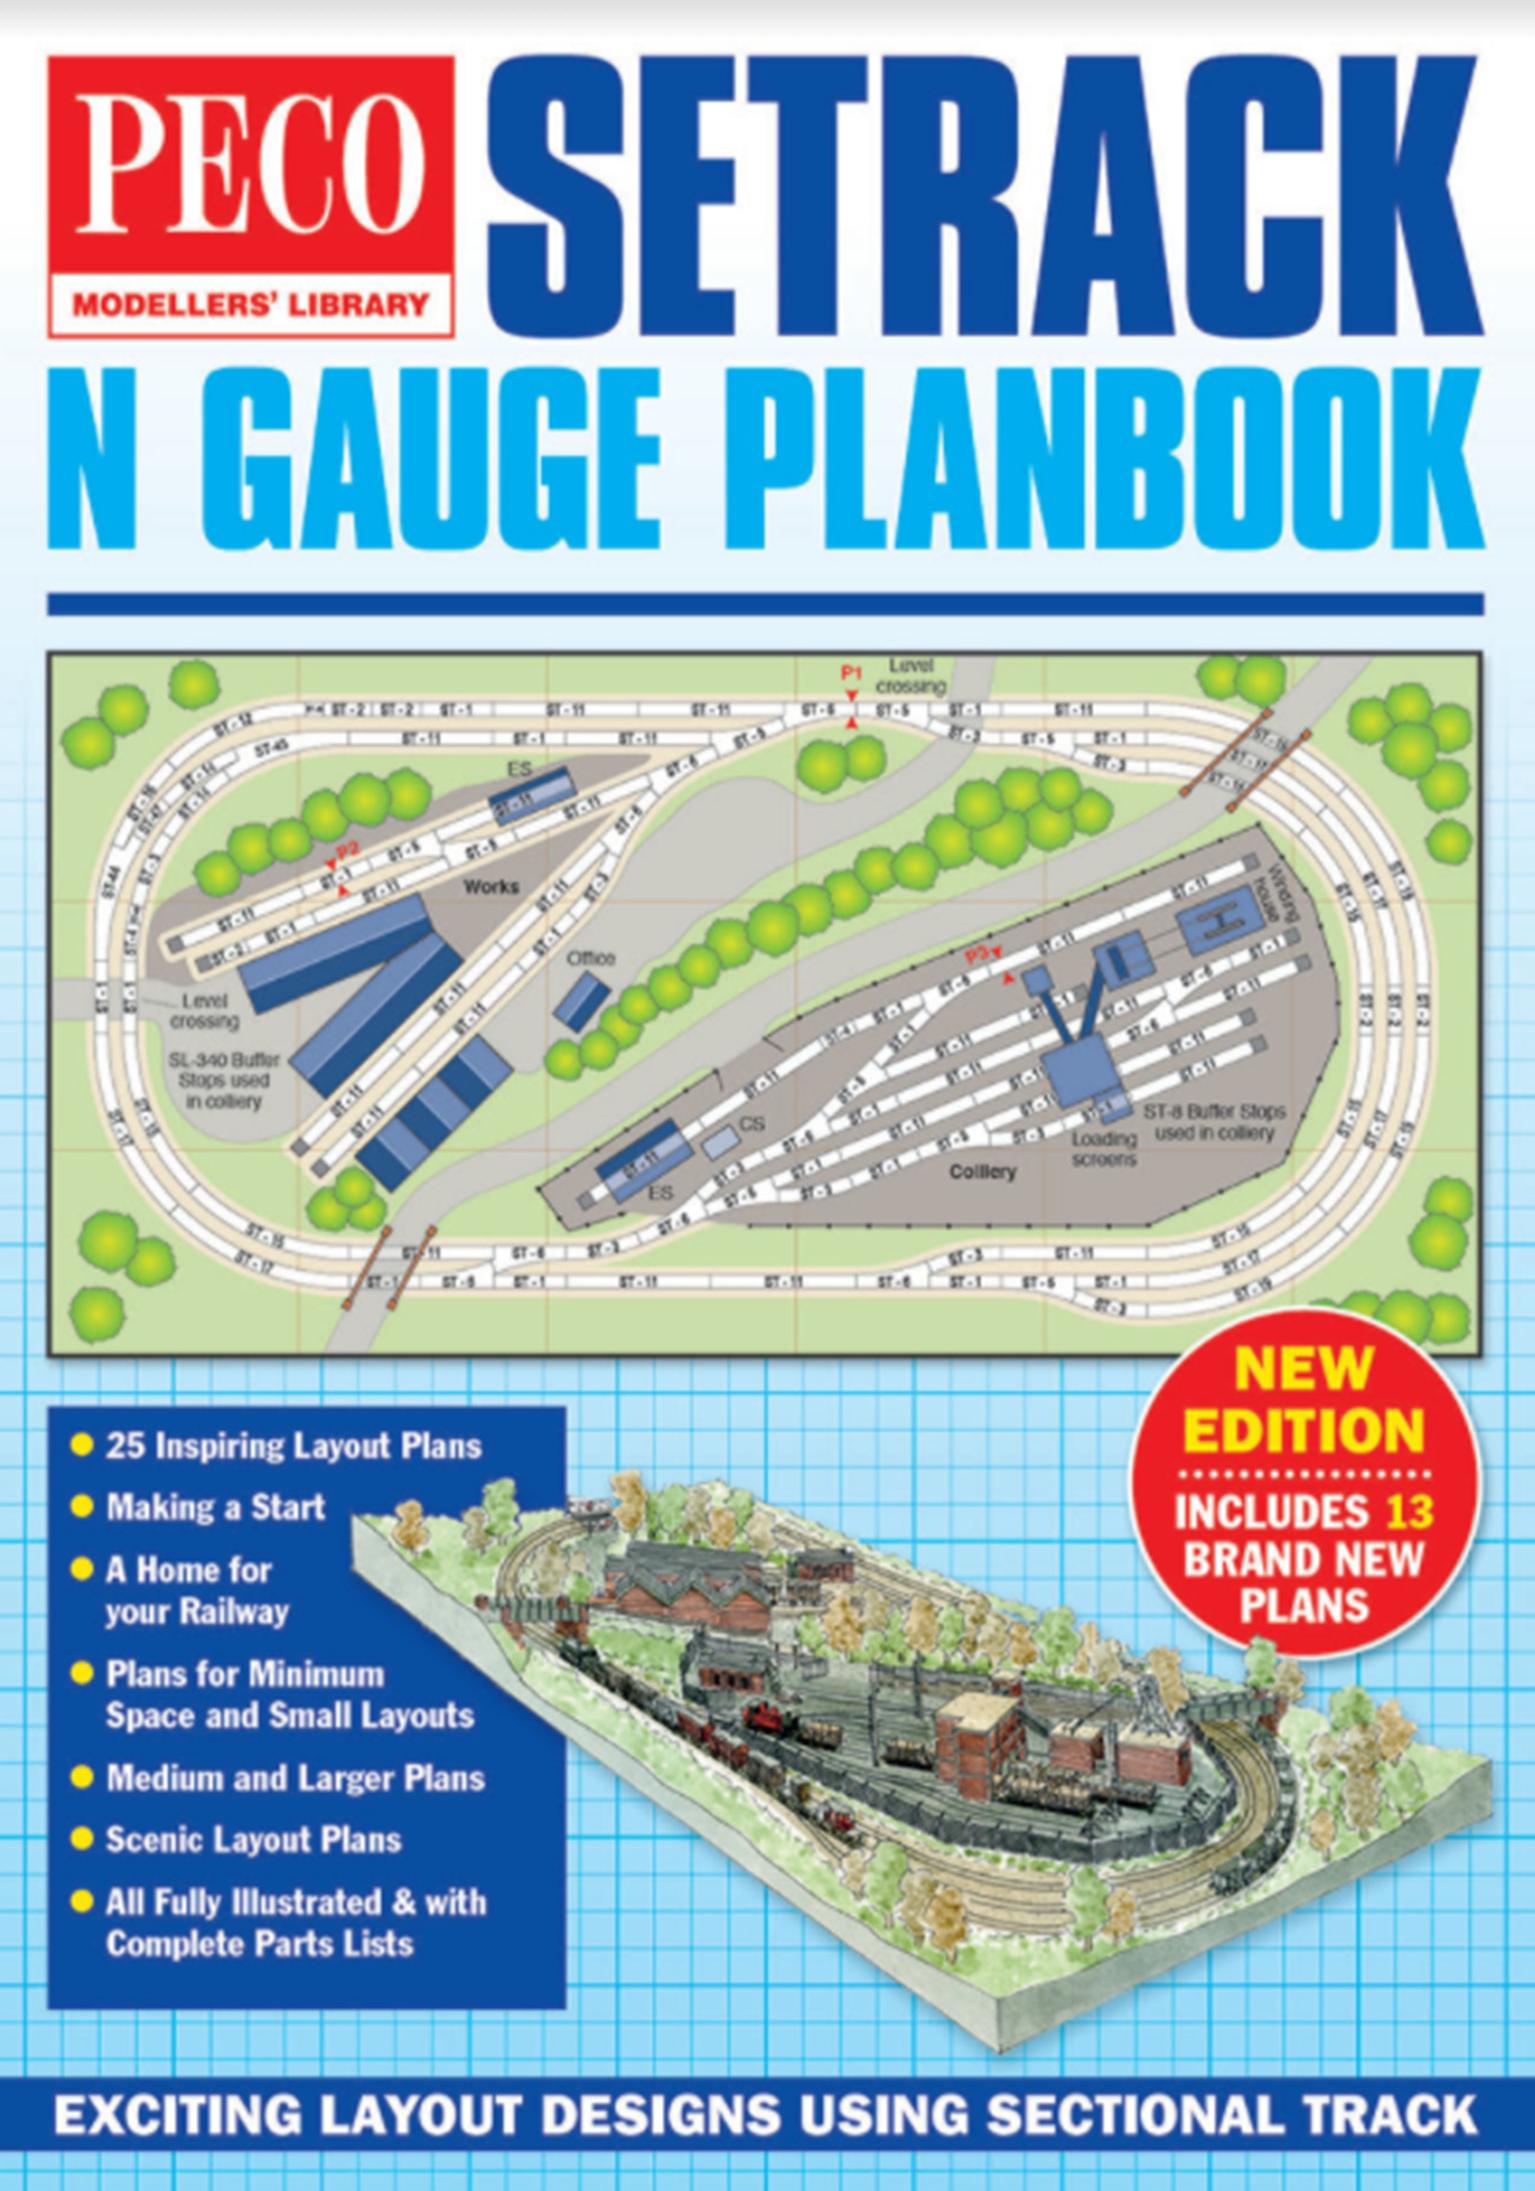 IN-1 PECO Setrack N gauge Planbook